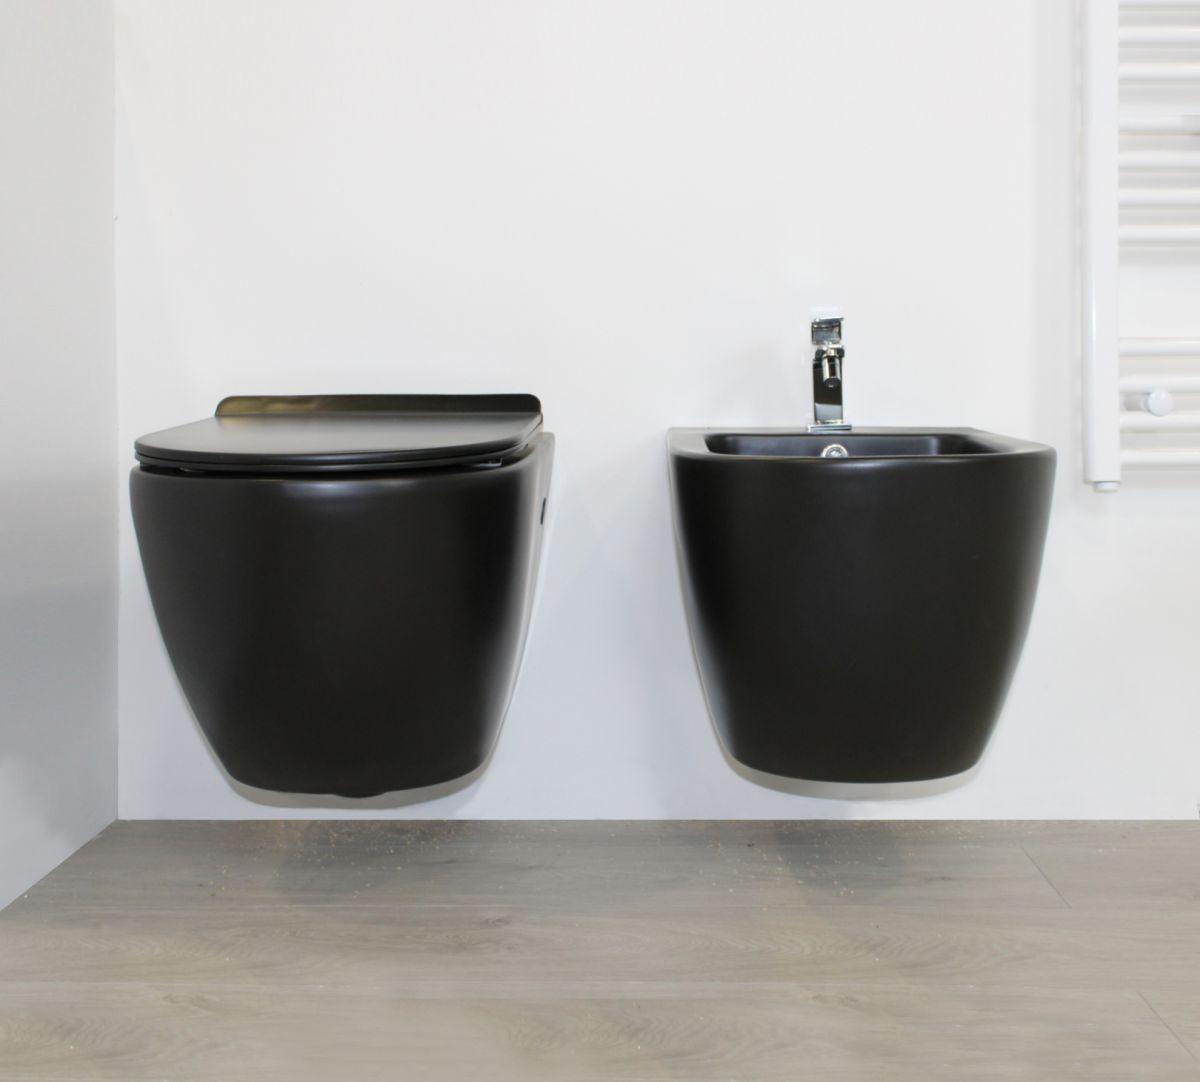 round nero sospeso 2 Sanitari Sospesi Round in ceramica col nero Vaso+Bidet+Coprivaso Soft Close